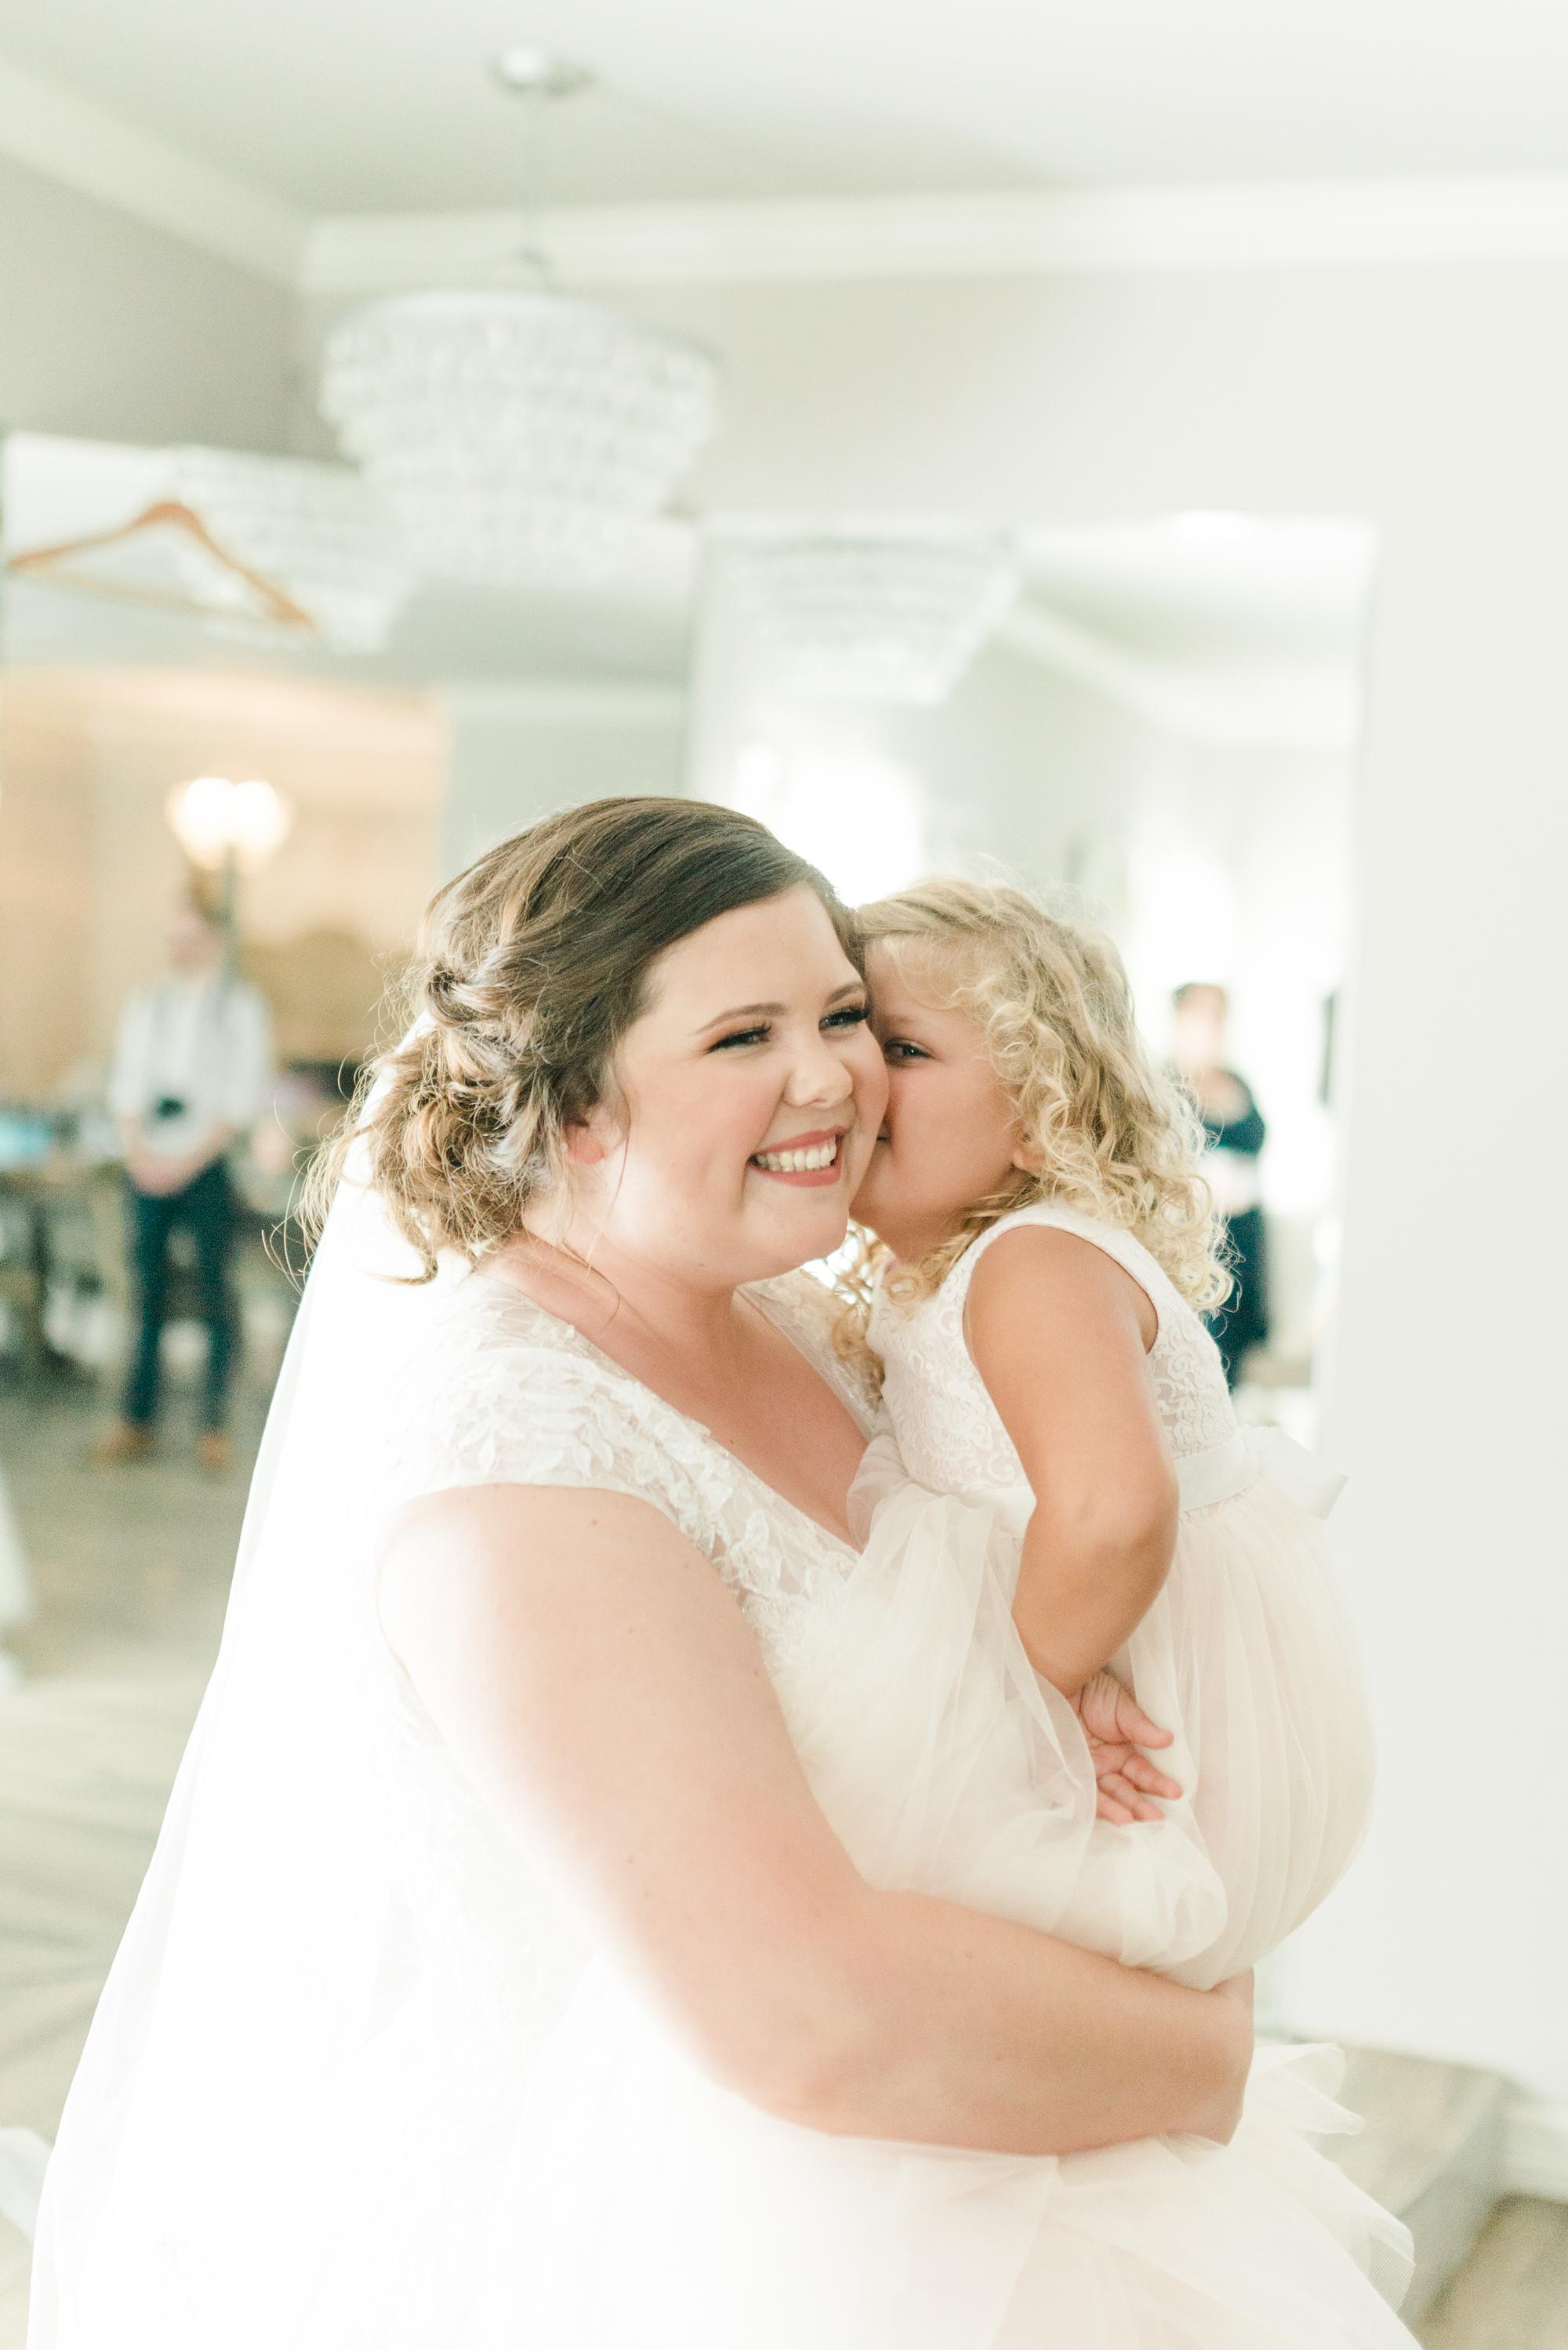 Wesley-Wedding-Ten23-Photography-193.jpg